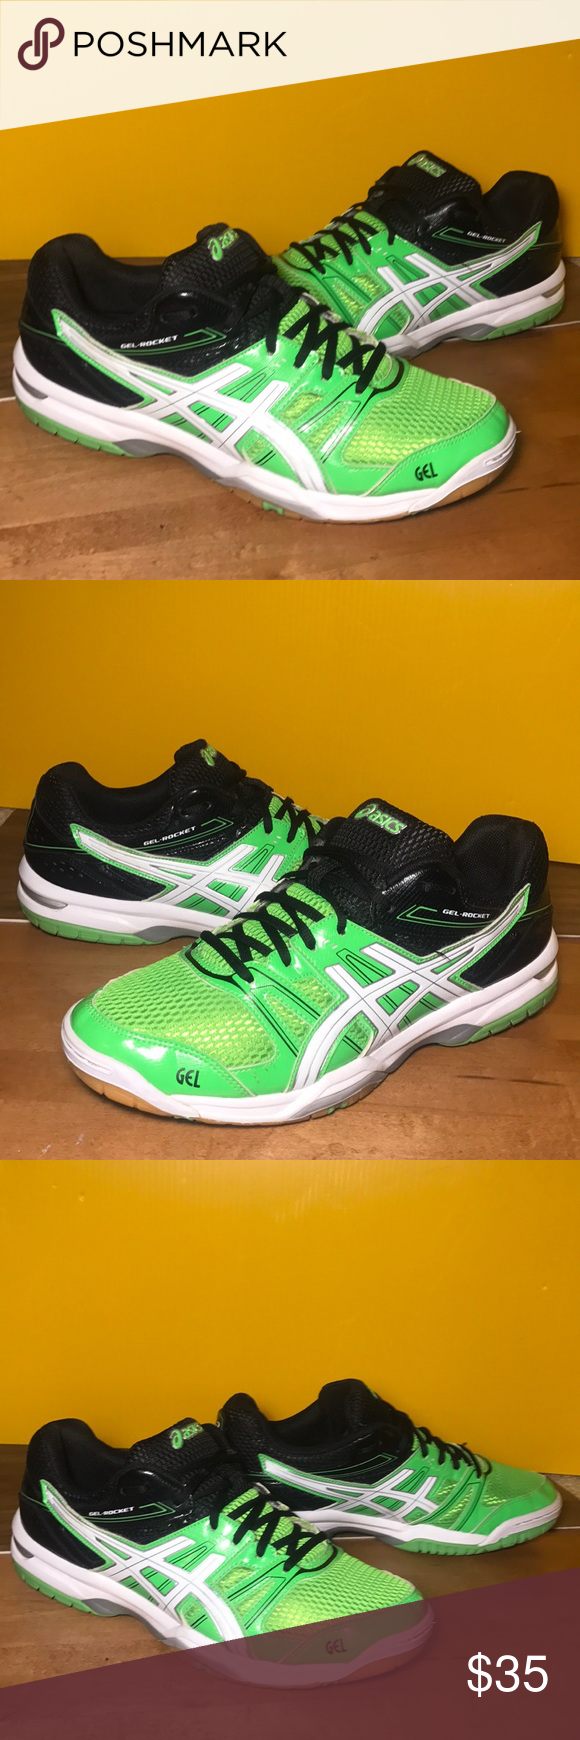 fuego sufrimiento Palacio de los niños  ASICS GEL-ROCKET 7 VolleyBall Shoes Size 9.5 HOT🔥 | Volleyball shoes, Asics,  Asics gel